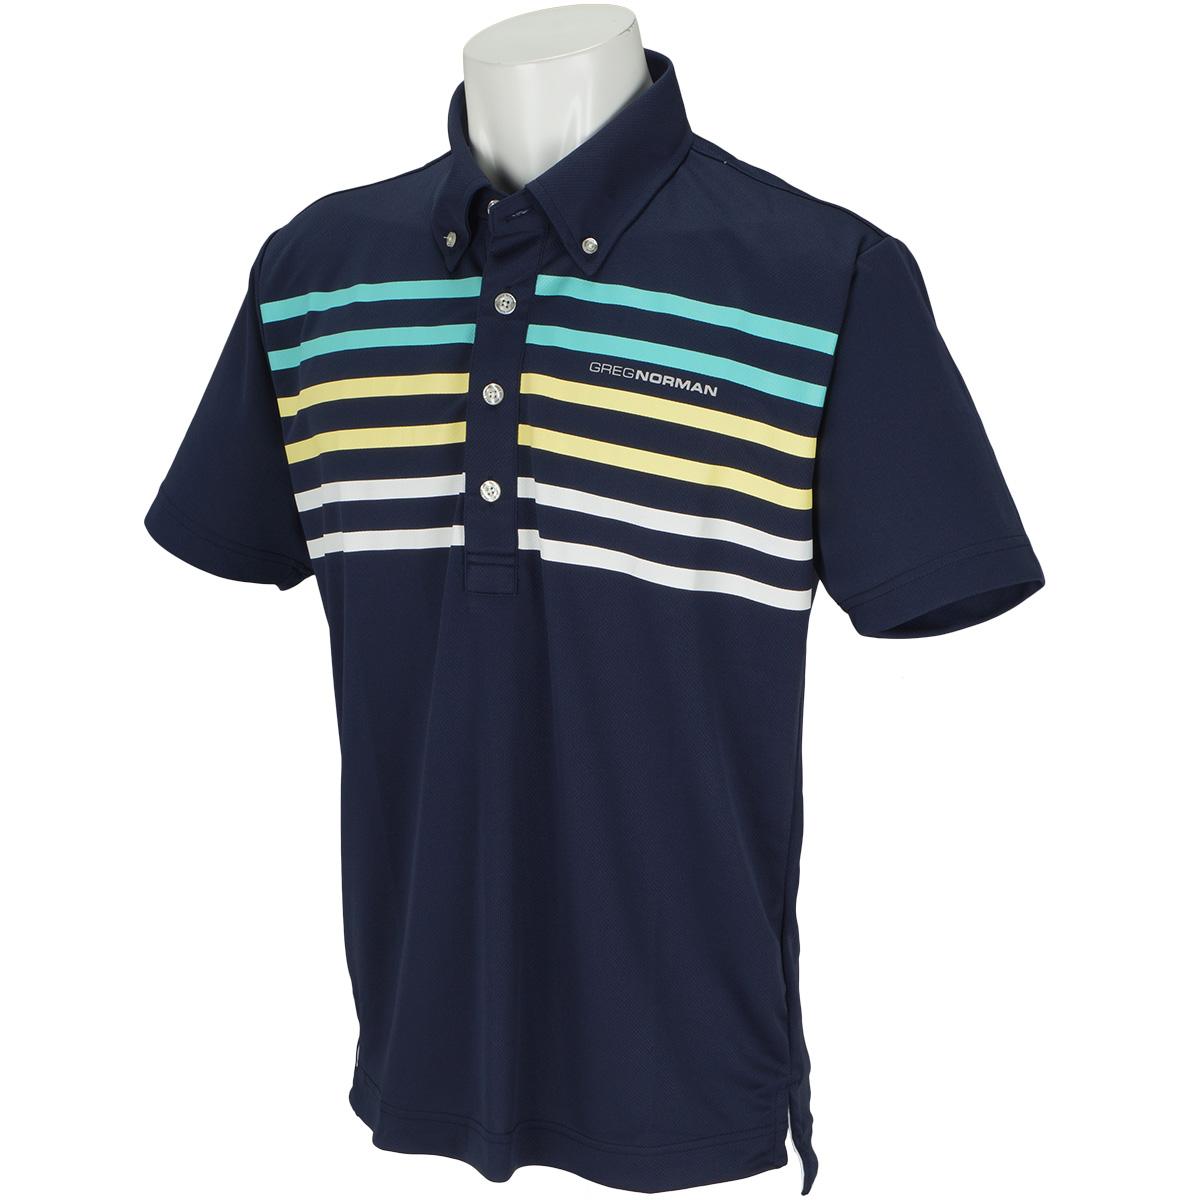 パネルボーダー 半袖ボタンダウンポロシャツ